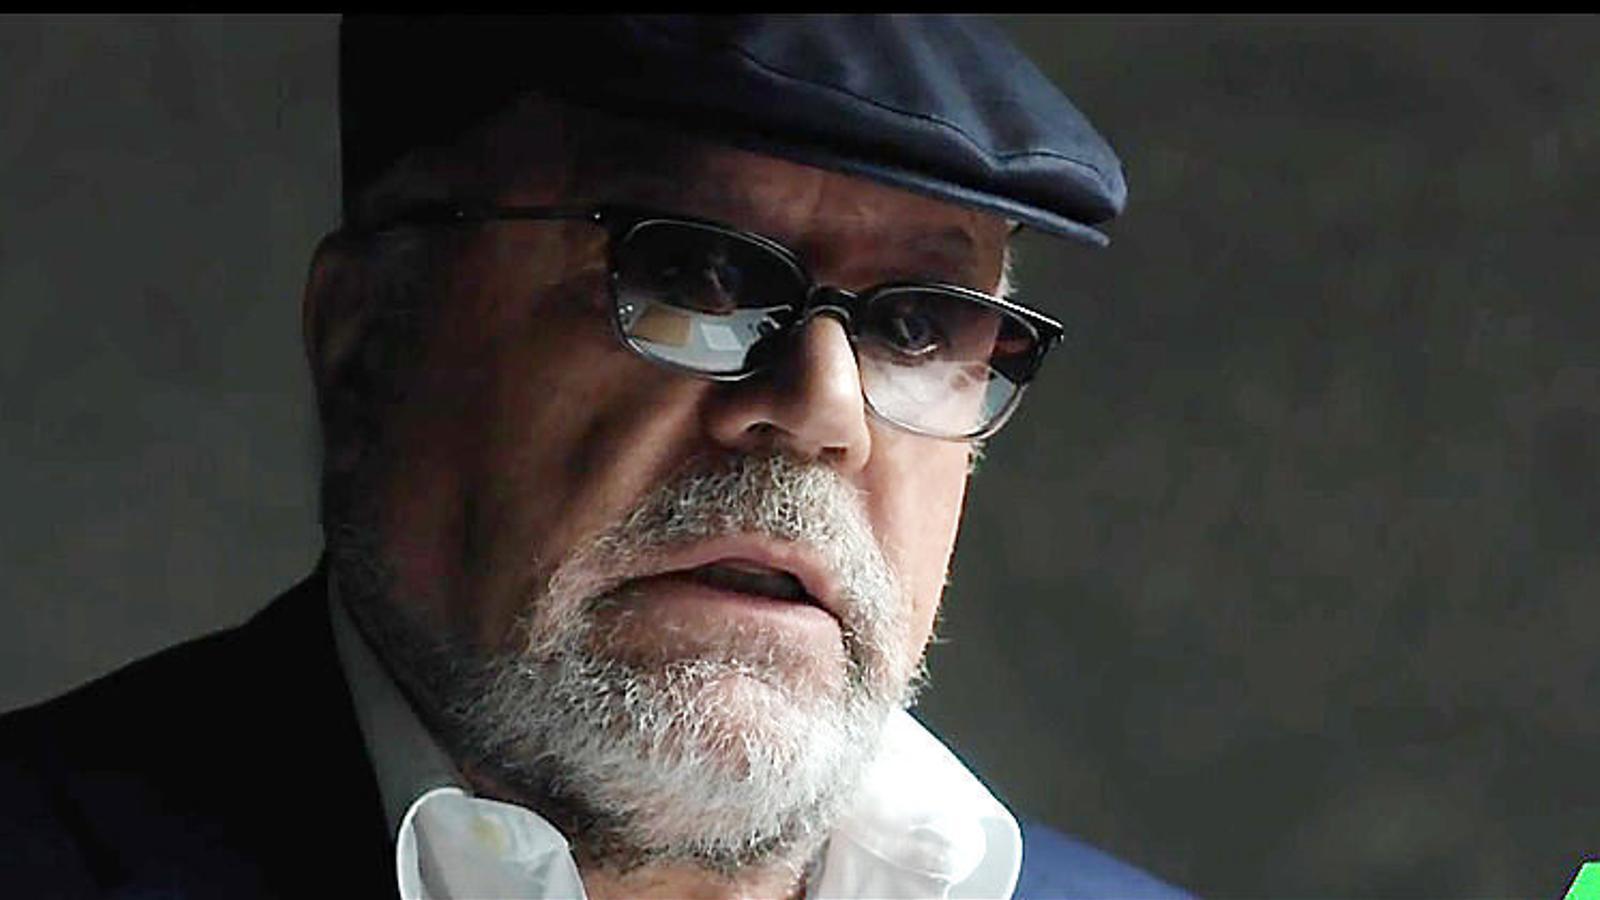 Villarejo va fer l'entrevista amb boina i ulleres.